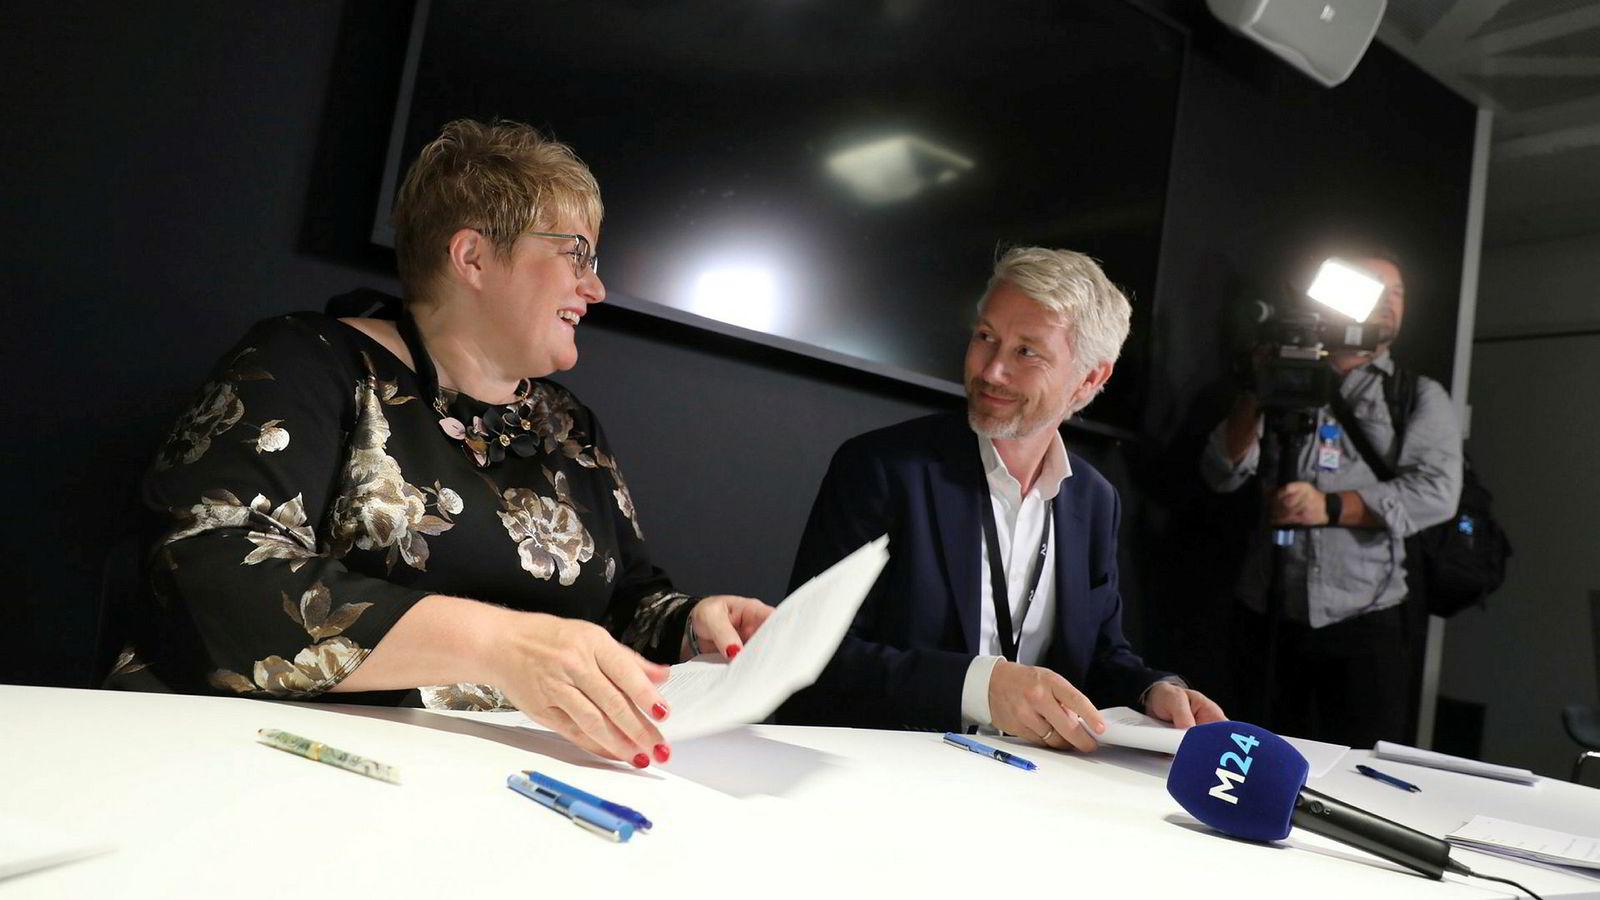 Kulturminister Trine Skei Grande og TV 2-sjef Olav Sandnes signerer avtalen om kommersiell allmennkringkasting, som kan gi TV 2 inntil 135 millioner kroner årlig.